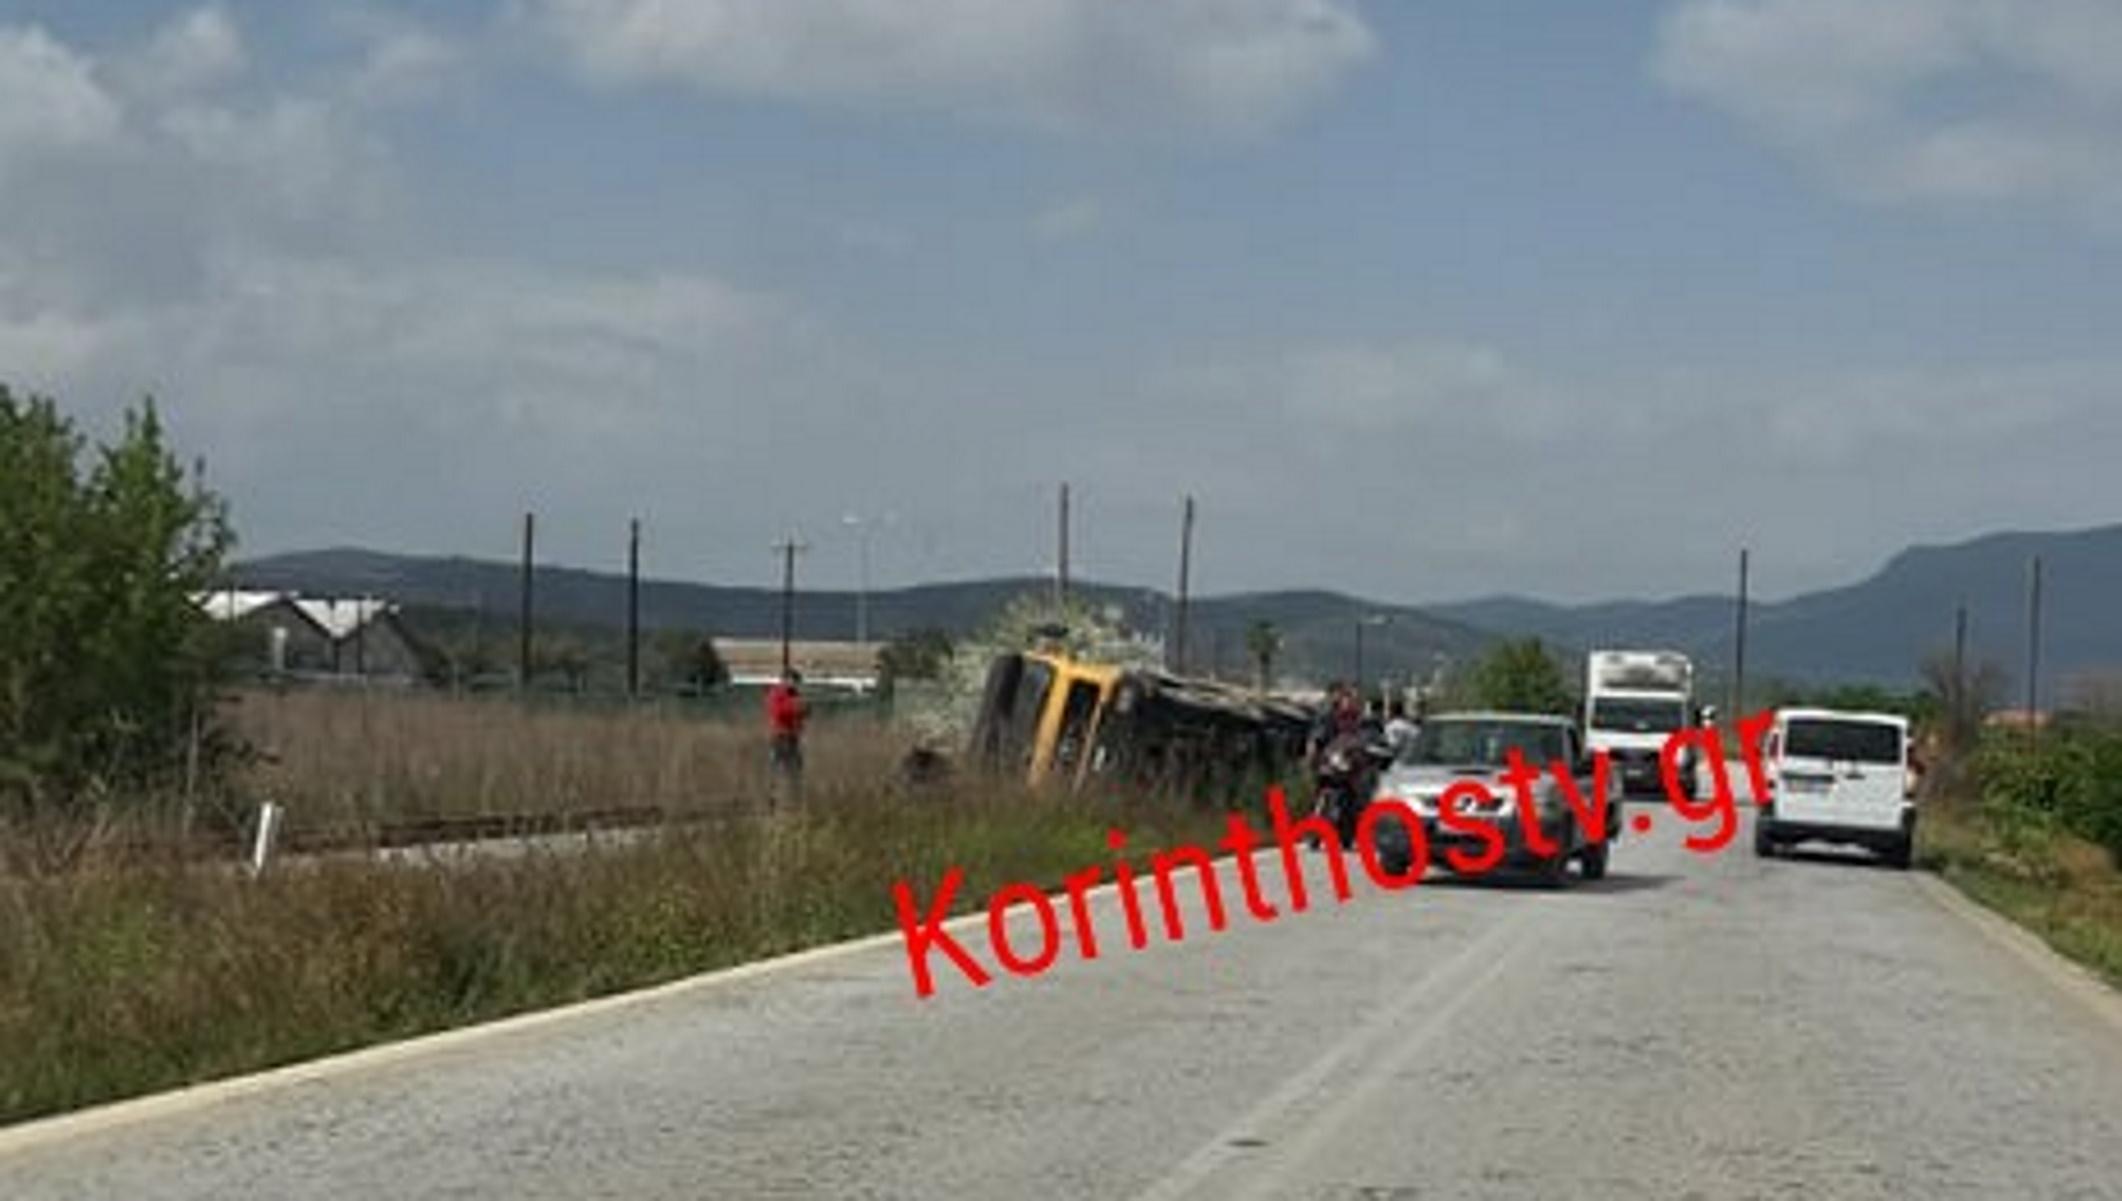 Φορτηγό ντελαπάρισε στις ράγες στην παλιά εθνική Κορίνθου – Άργους (pics)